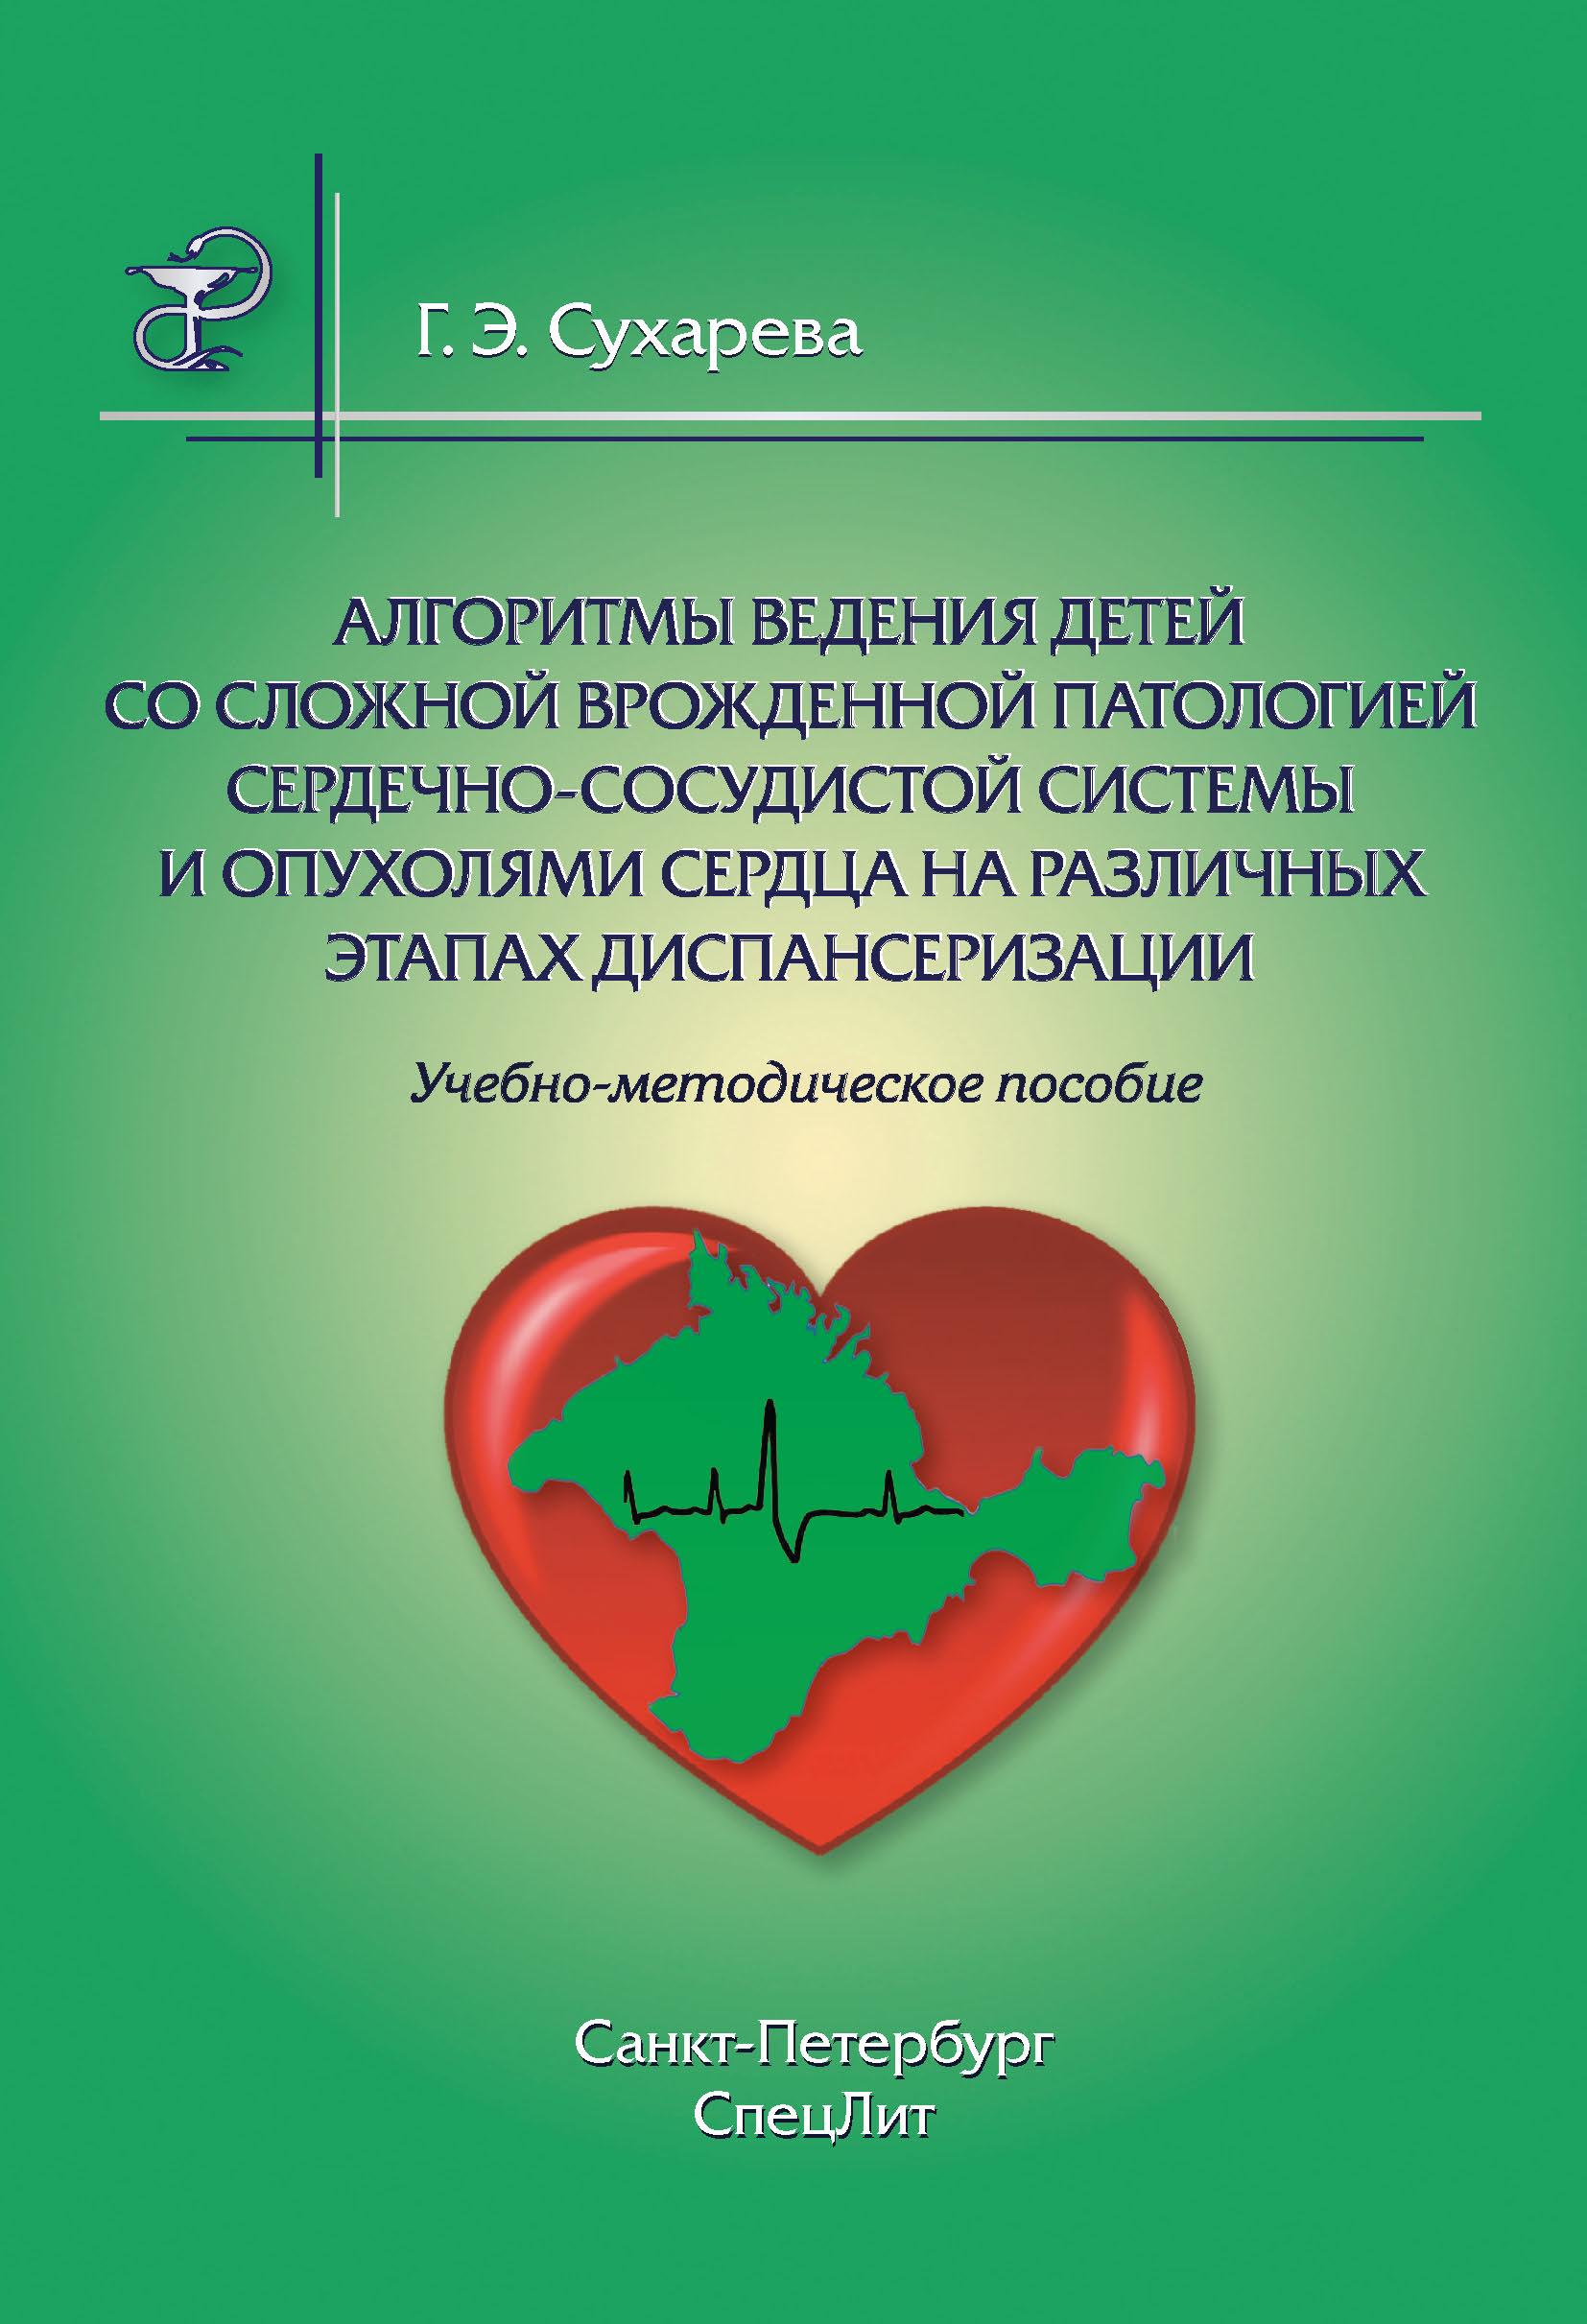 цена на Г. Э. Сухарева Алгоритмы ведения детей со сложной врожденной патологией сердечно-сосудистой системы и опухолями сердца на различных этапах диспансеризации